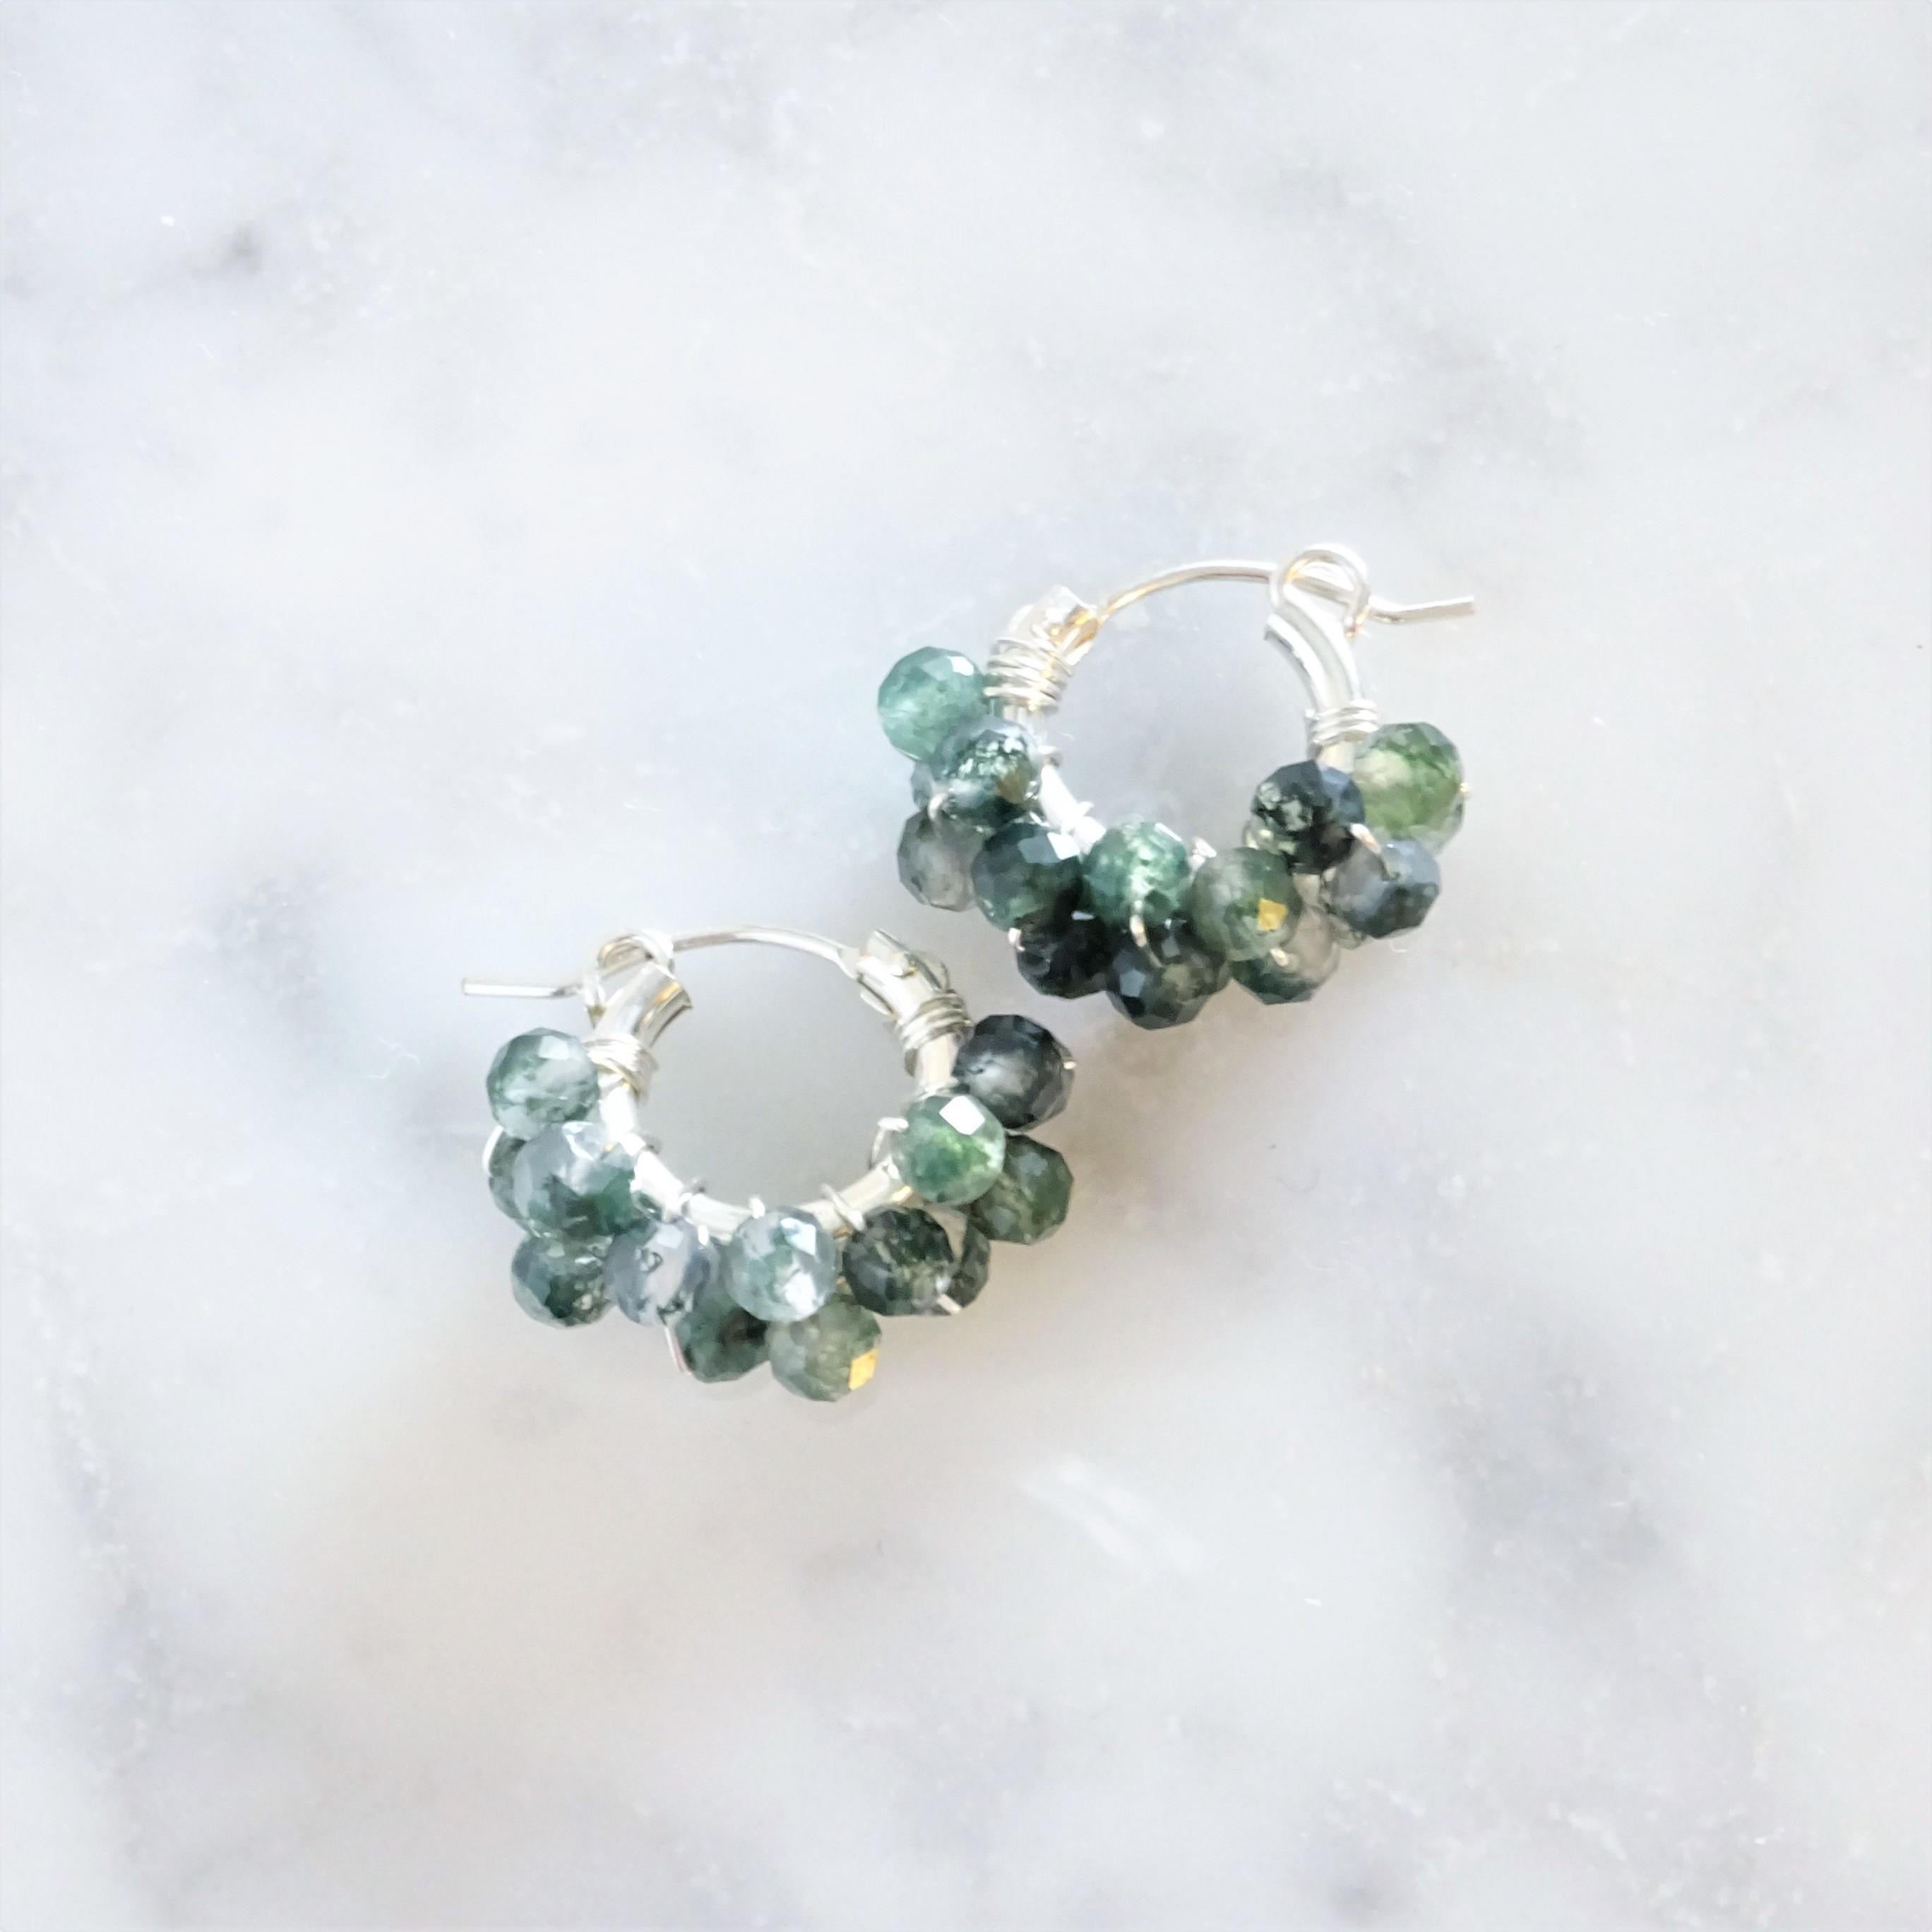 送料無料 SV925SF*Moss Agate pavé pierced earring / earring